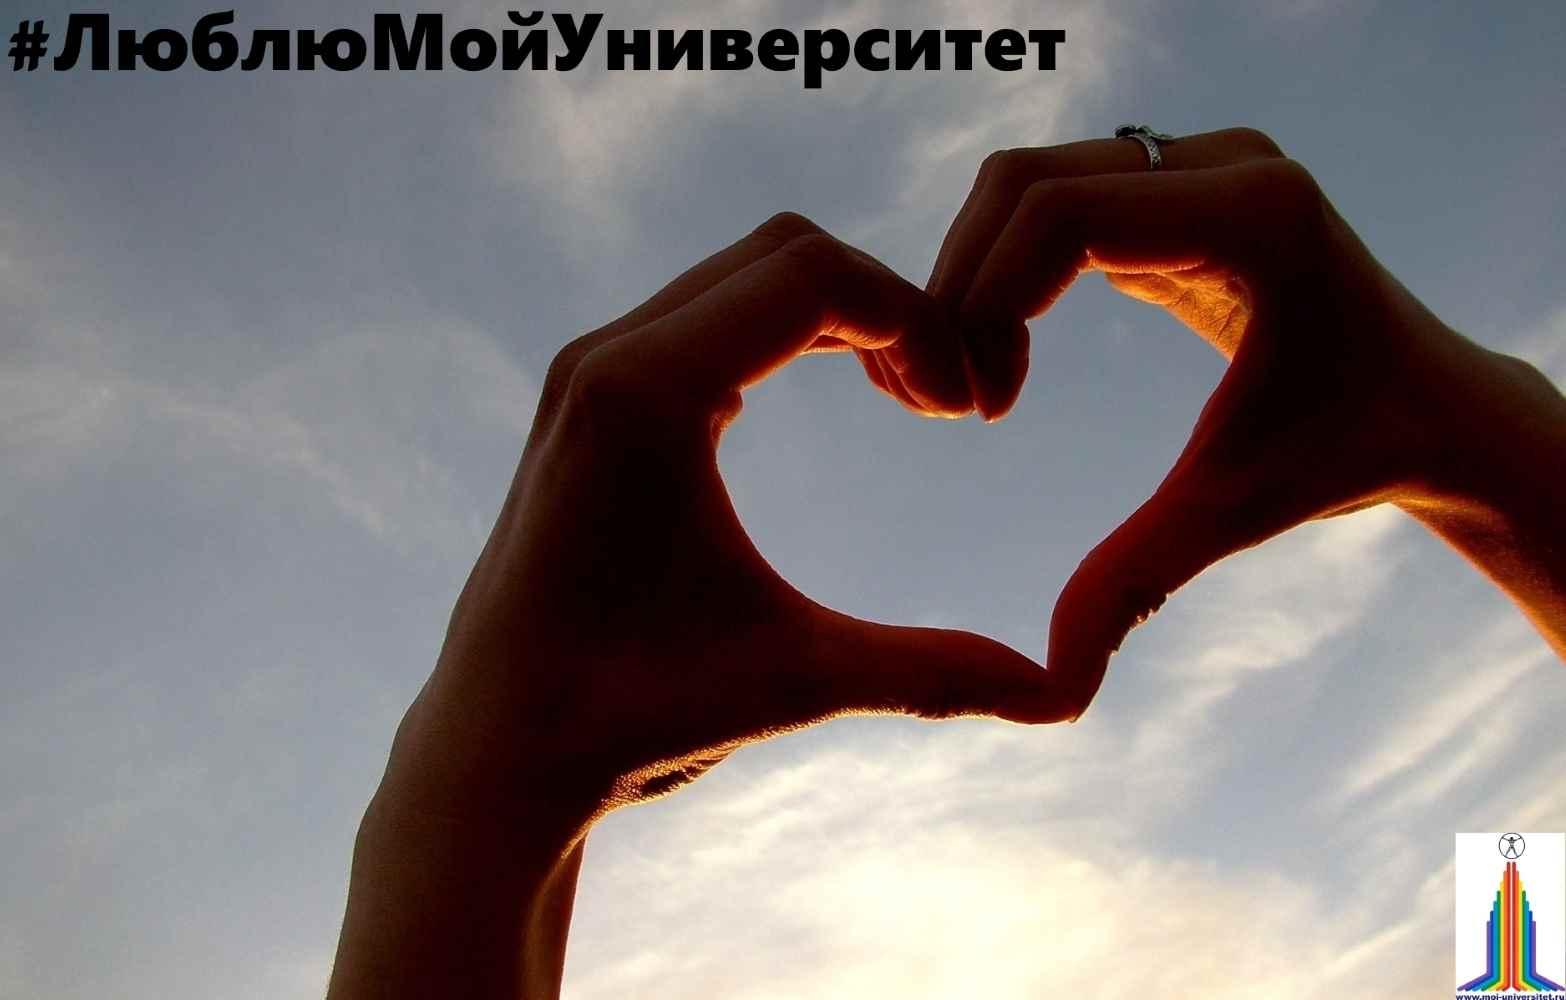 moj-universitet-priznaetsya-pedagogam-v-lyubvi-i-darit-podarki-k-14-fevralya